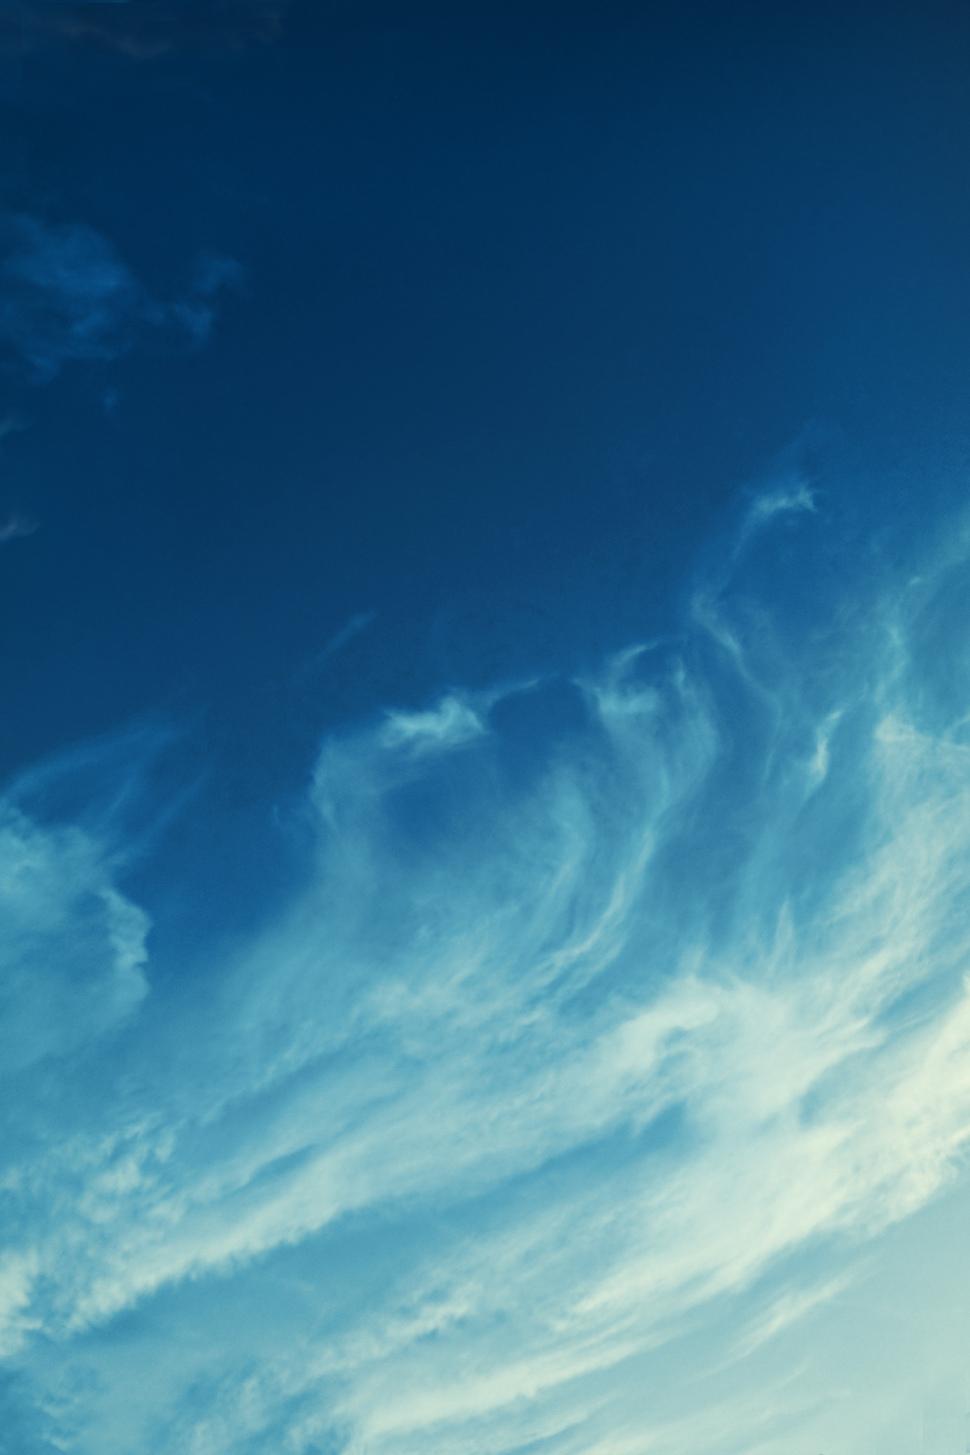 clouds 1 B 1200